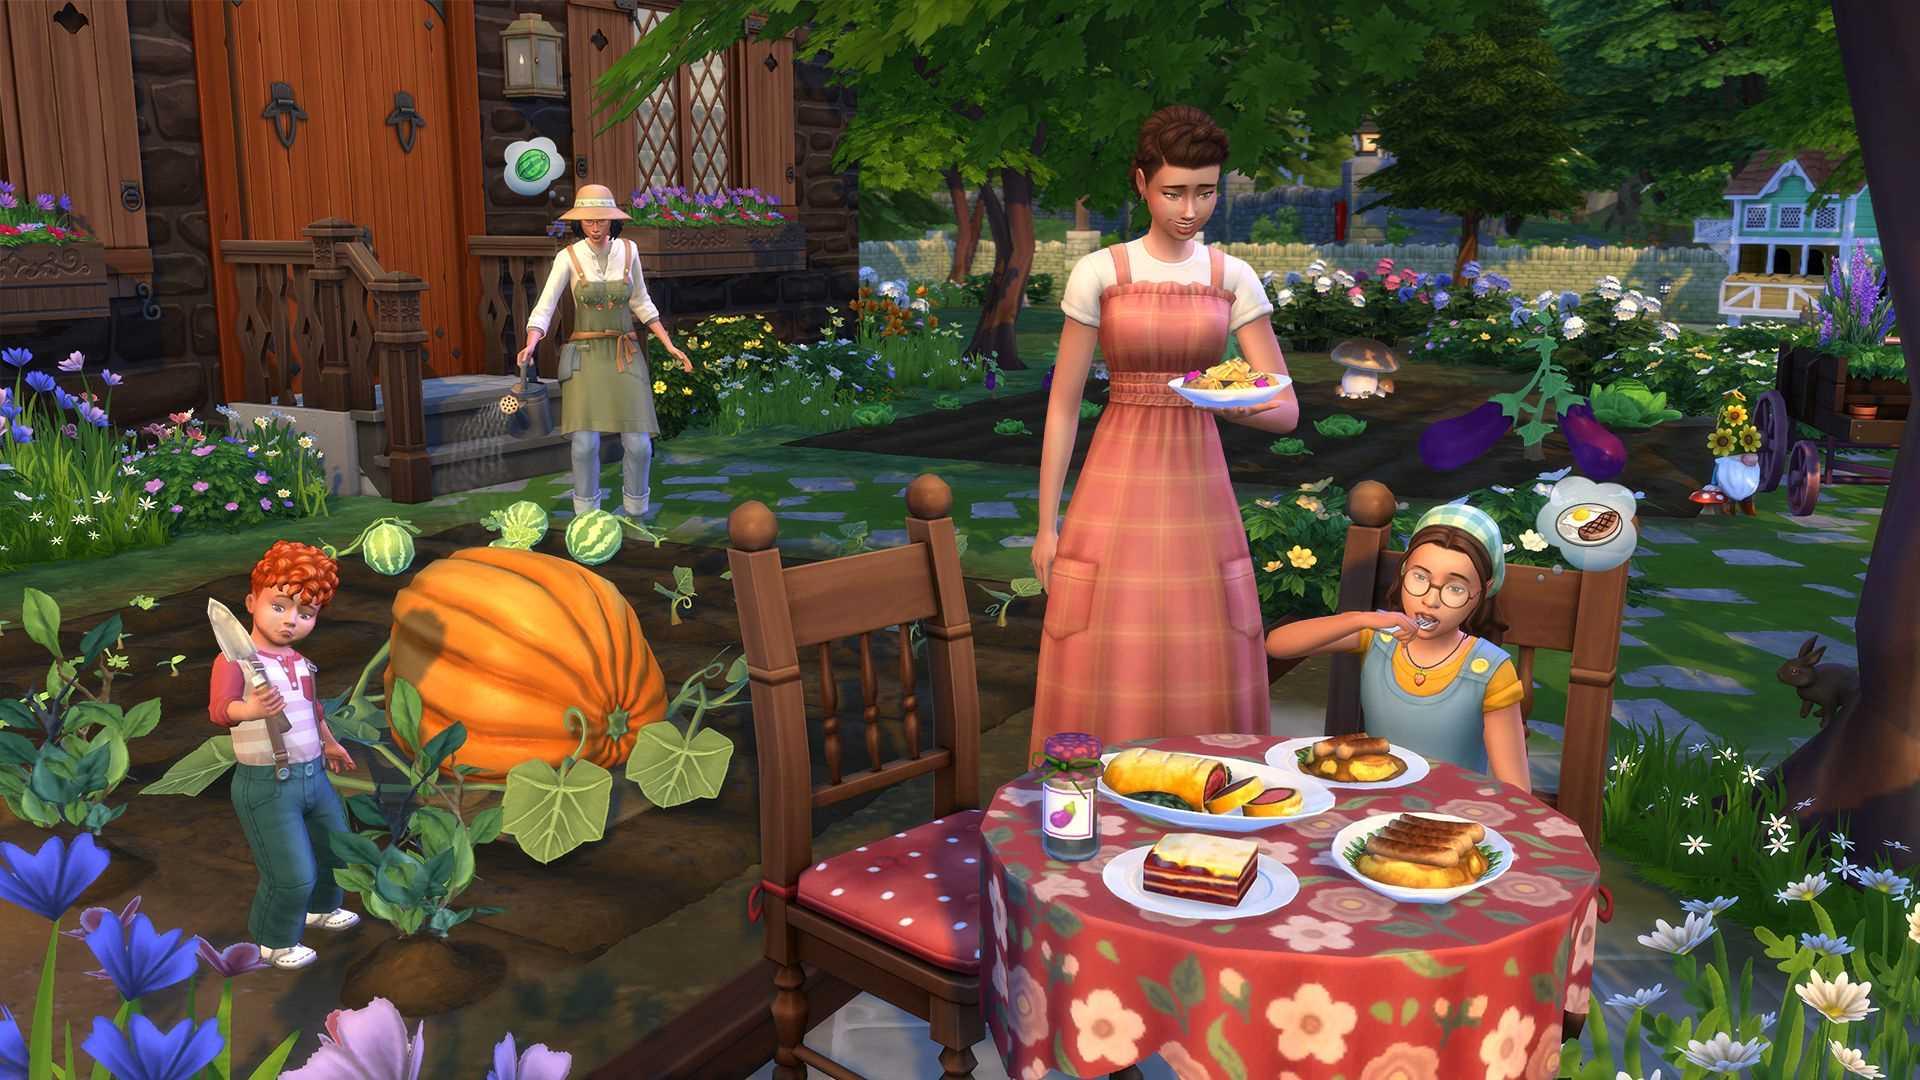 Die Sims 4 Landhaus-Leben - Screenshot